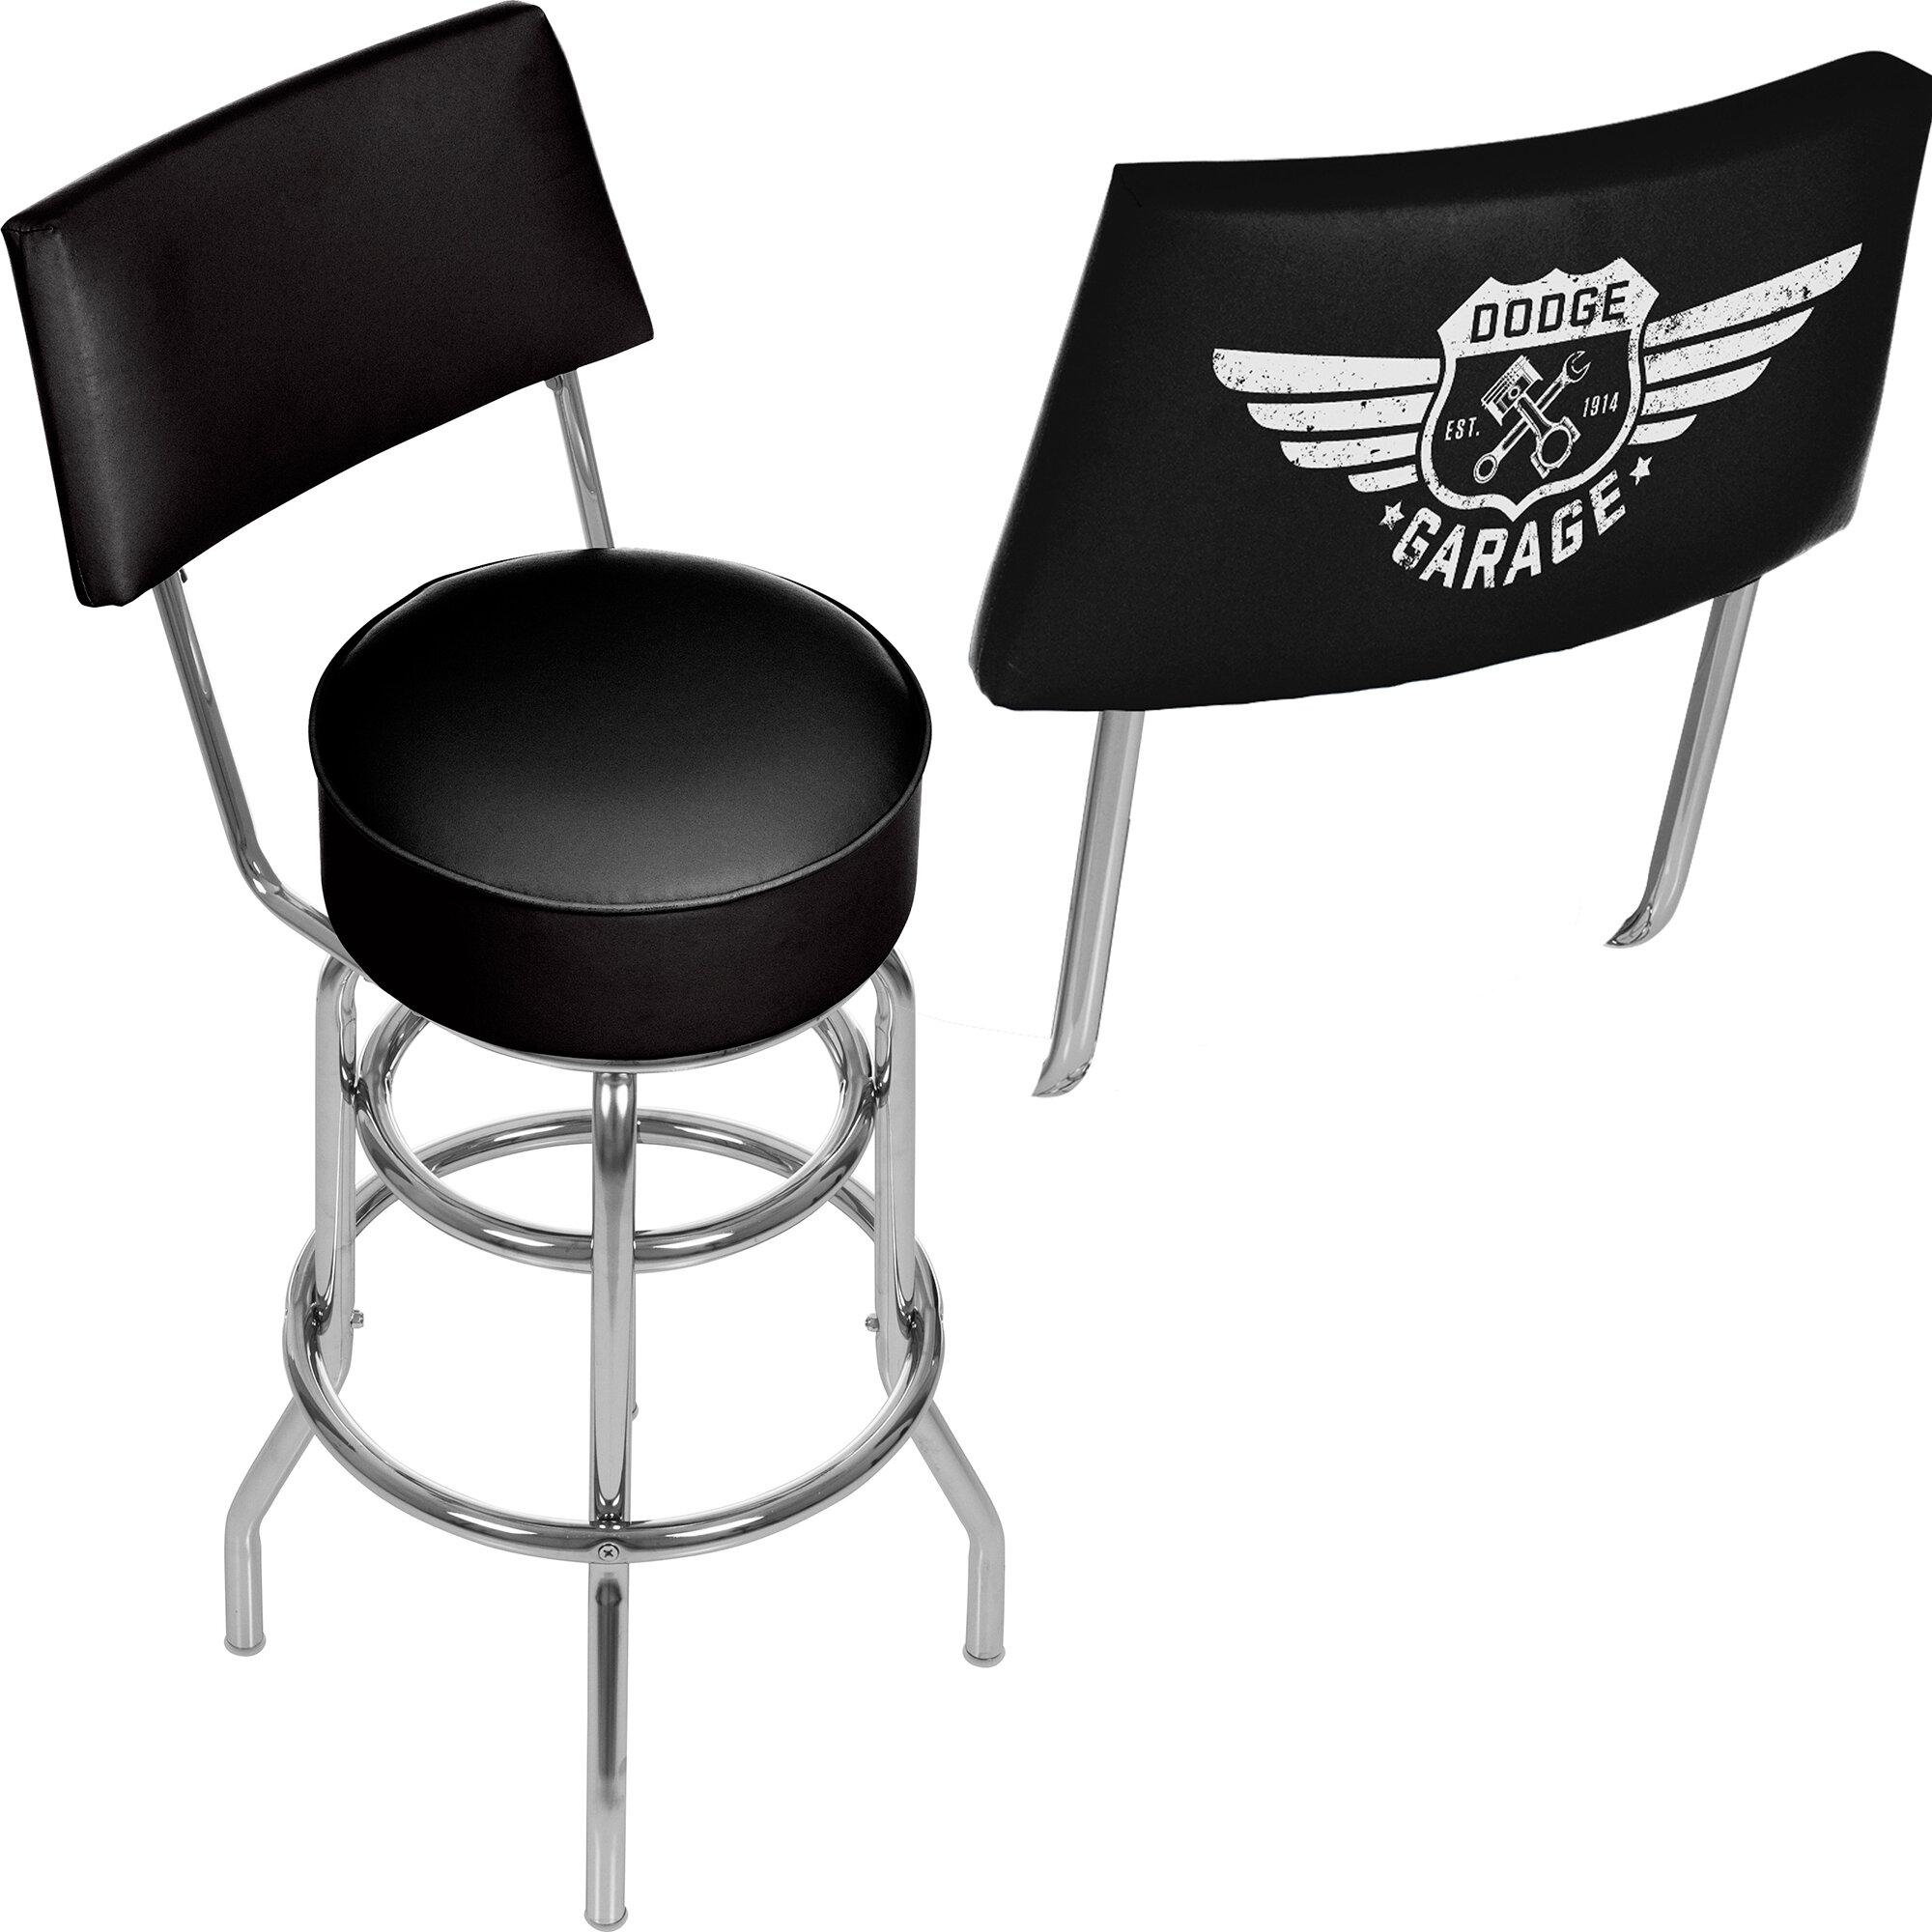 Strange Dodge Garage 31 Swivel Bar Stool Ncnpc Chair Design For Home Ncnpcorg